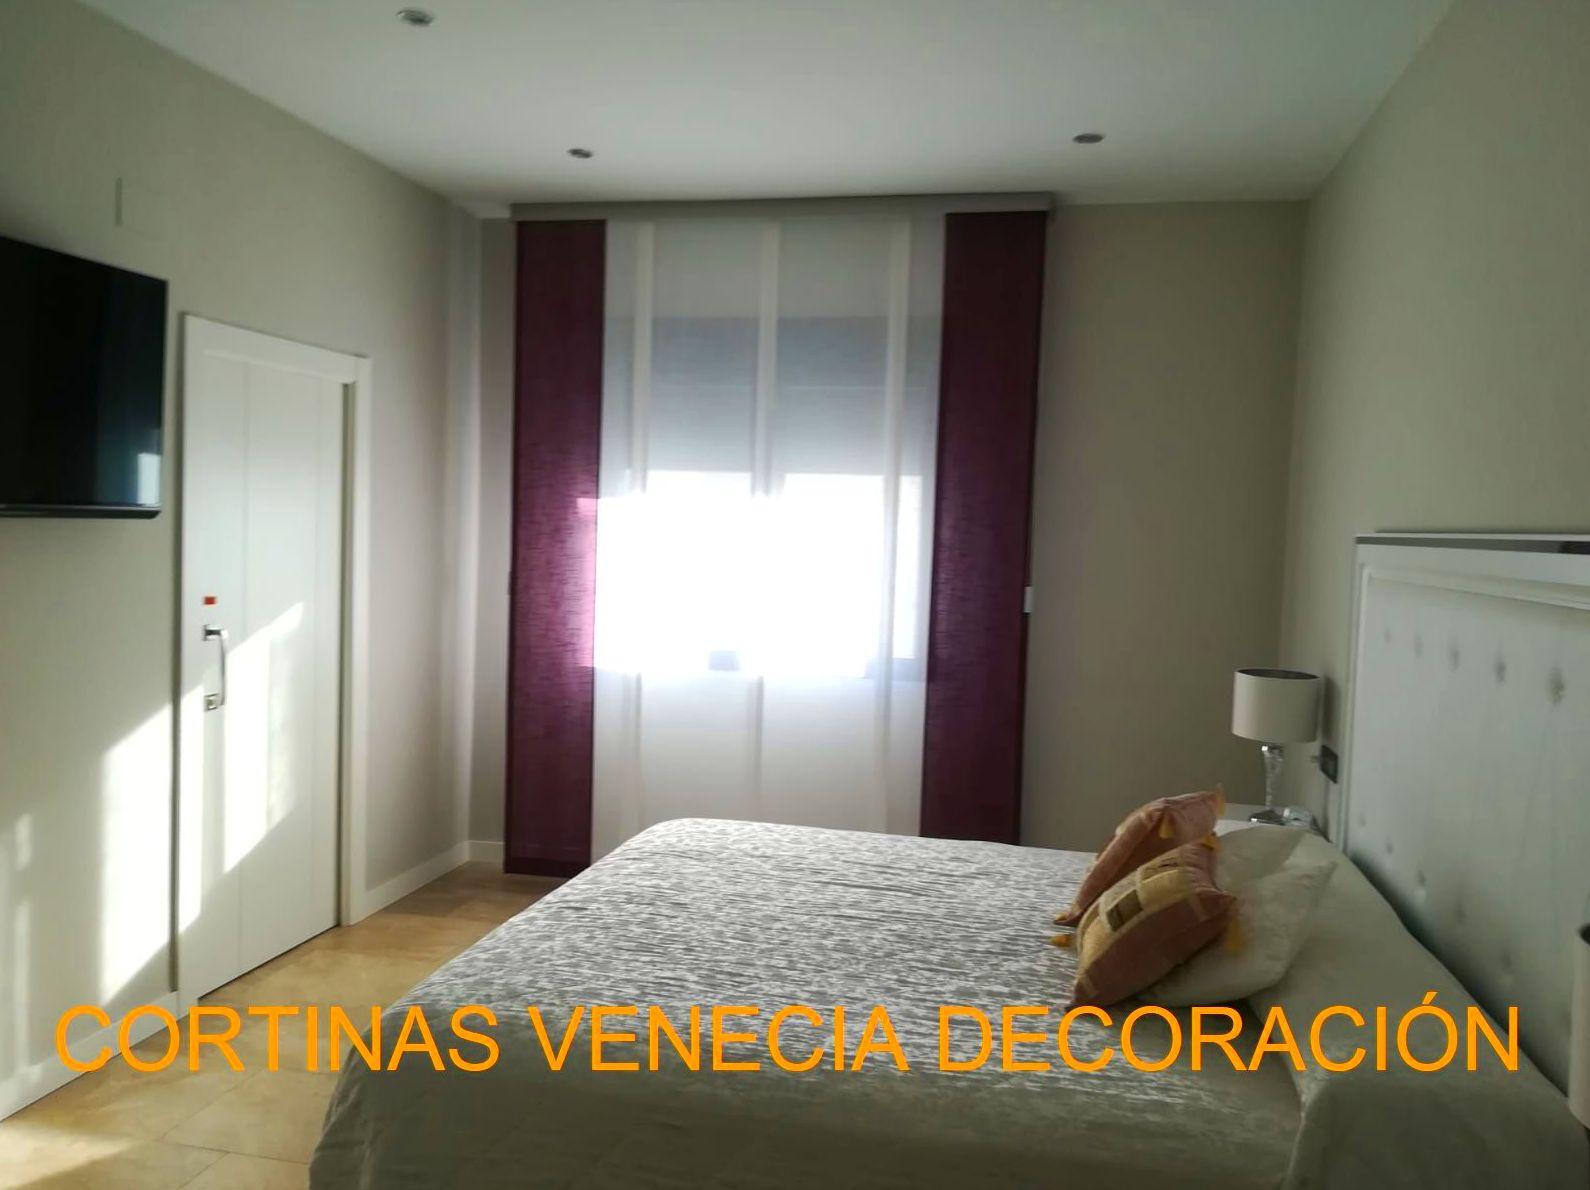 Foto 63 de Cortinas en Albacete | Venezia Decoración